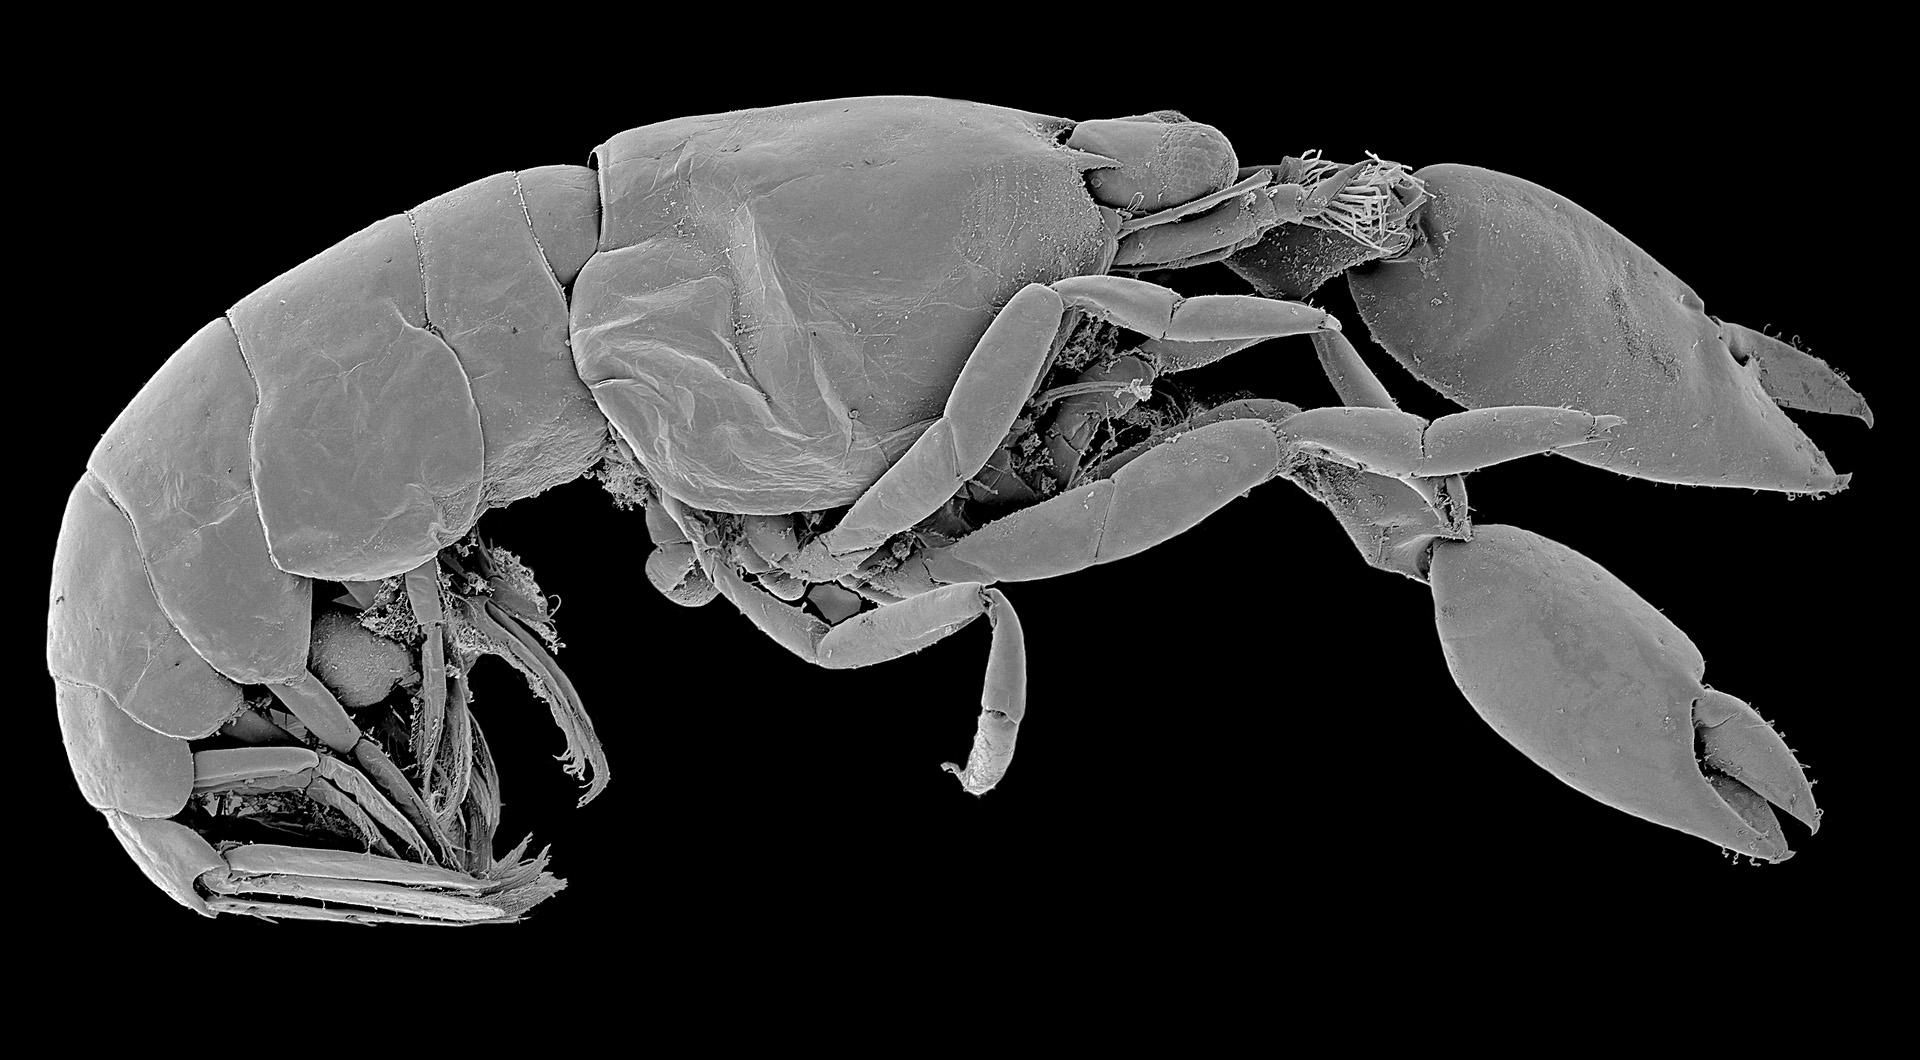 Ani ne 1 cm velké krevety rodu Typton mají zajímavou stavbu klepet připomínající nůžky. Při detailním pohledu tak vzbuzují podezření, že by jimi mohli stříhat třeba křemičité jehlice mořských hub, v nichž žijí. Jak je to s nimi tedy doopravdy?